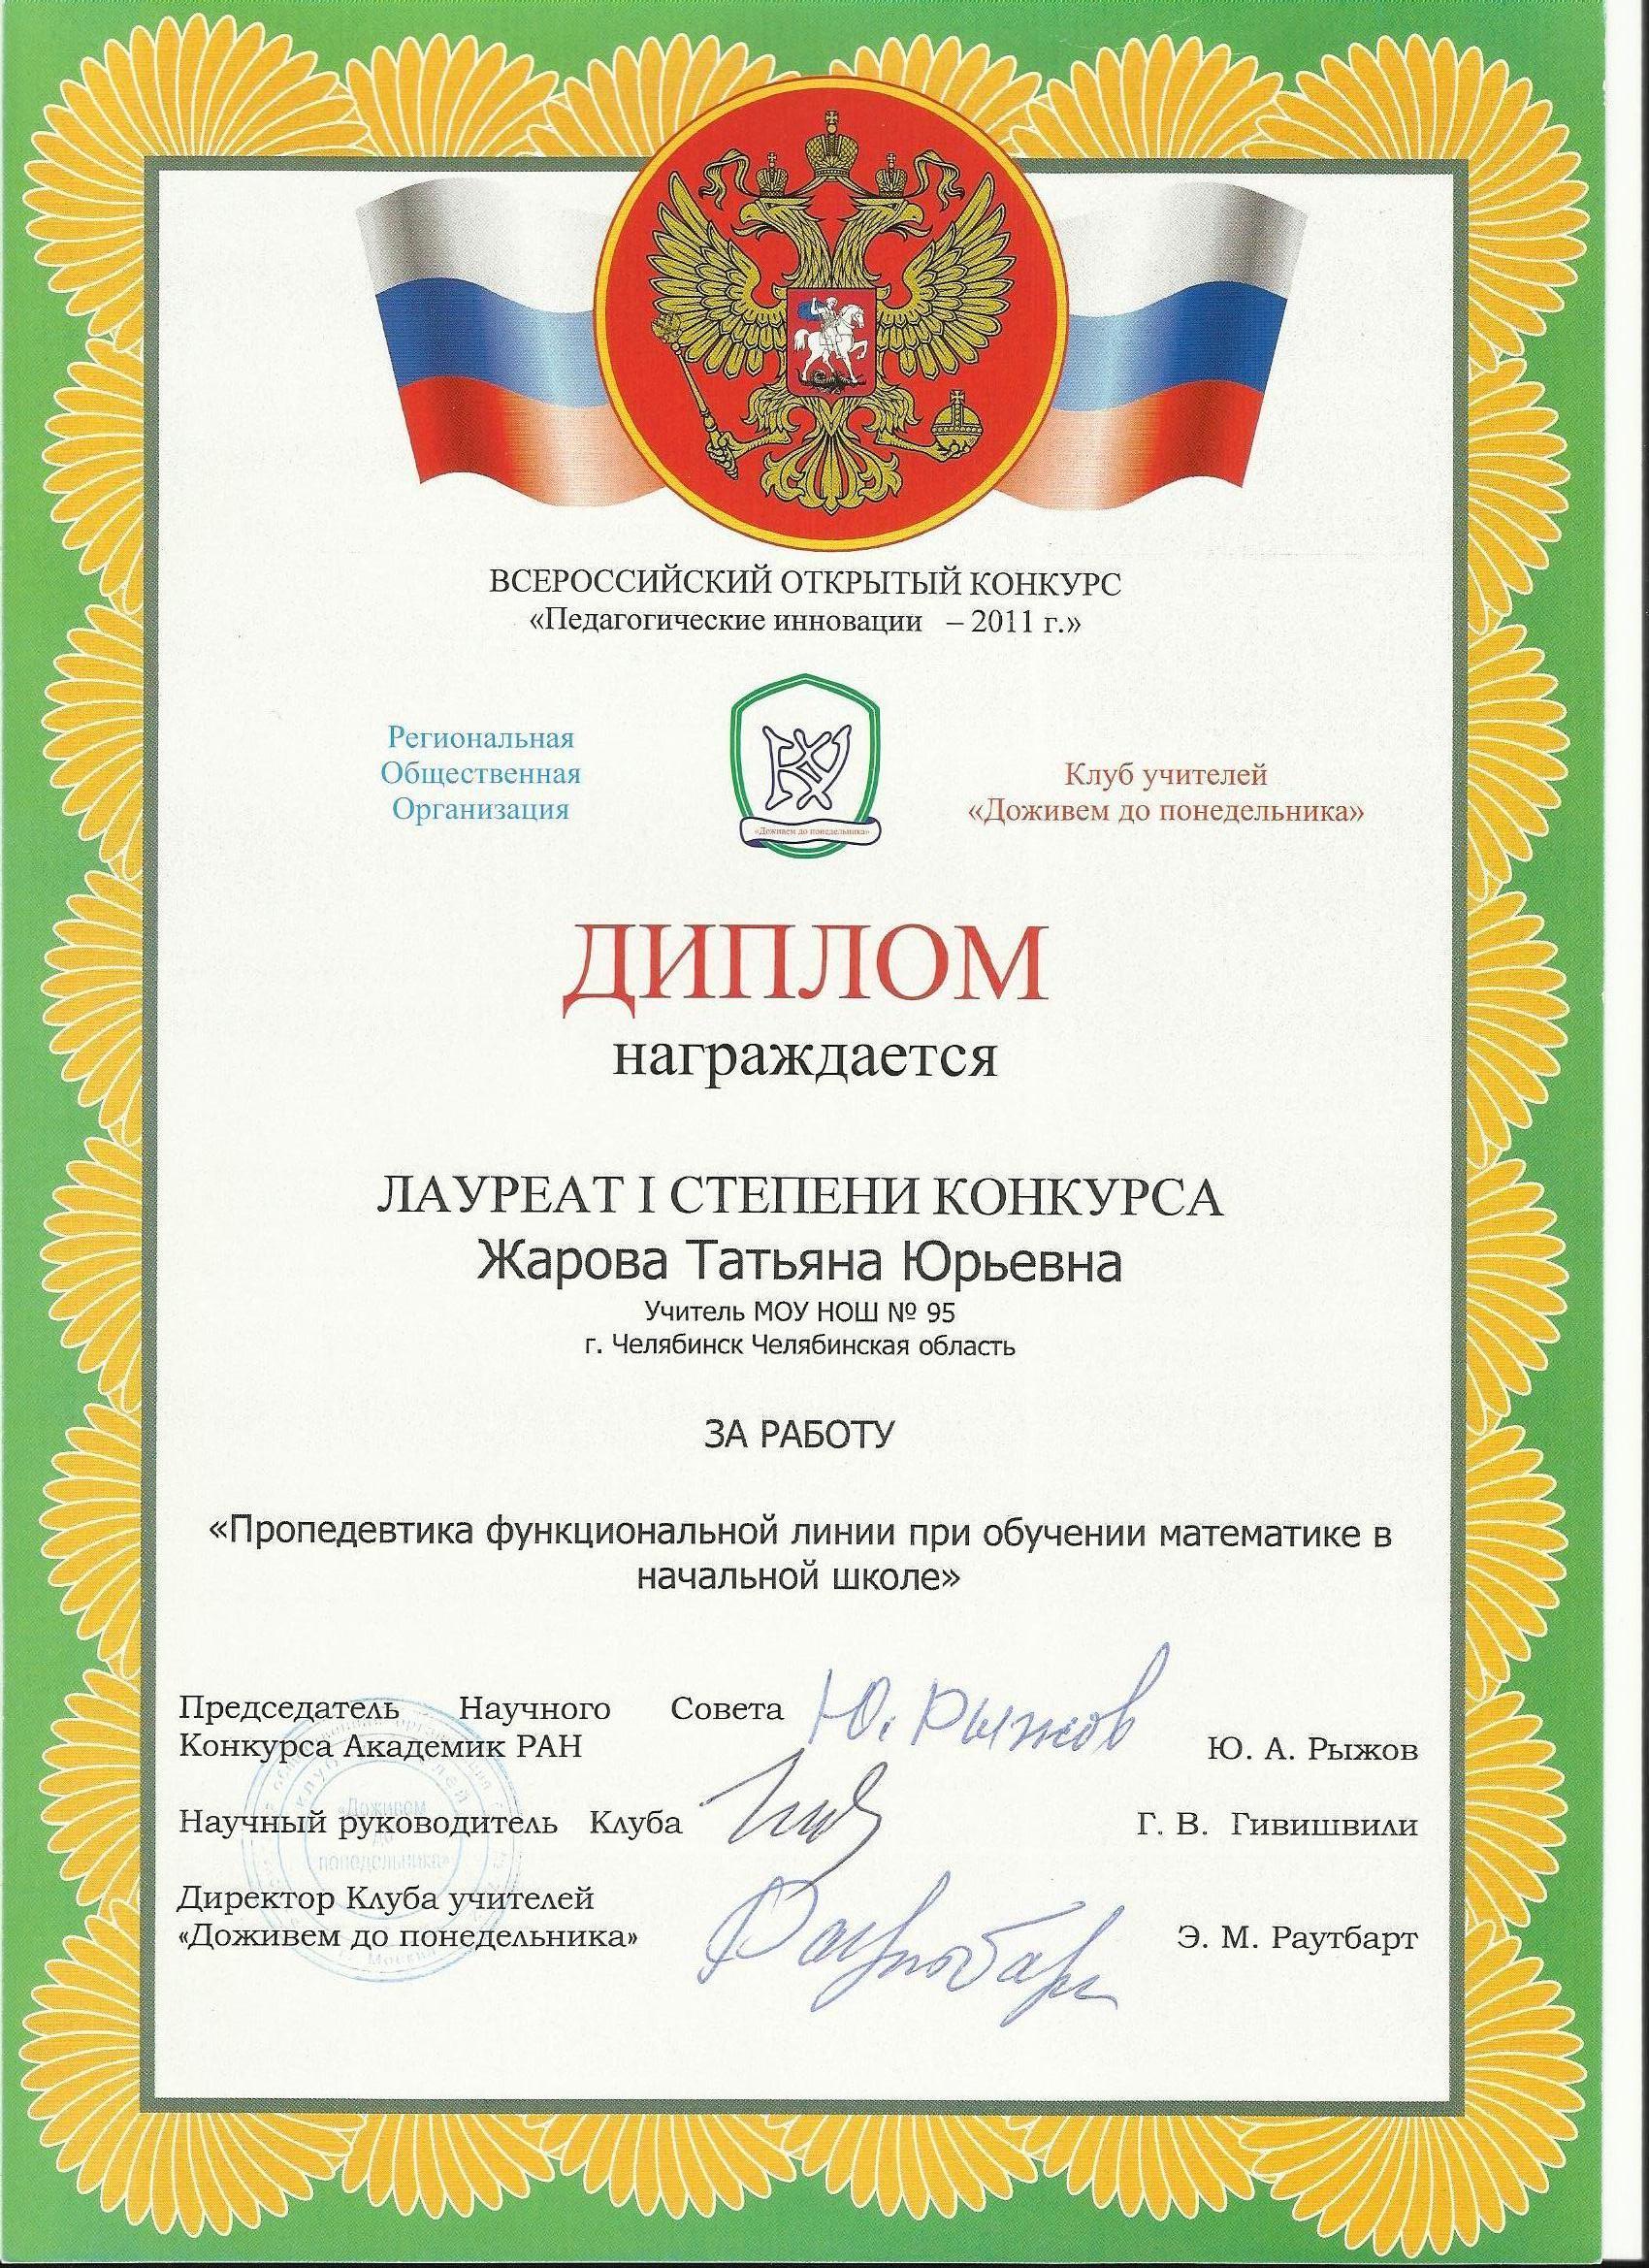 Татьяна Жарова Педагогическое интернет сообщество УчПортфолио ру  диплом лауреата 1 степени